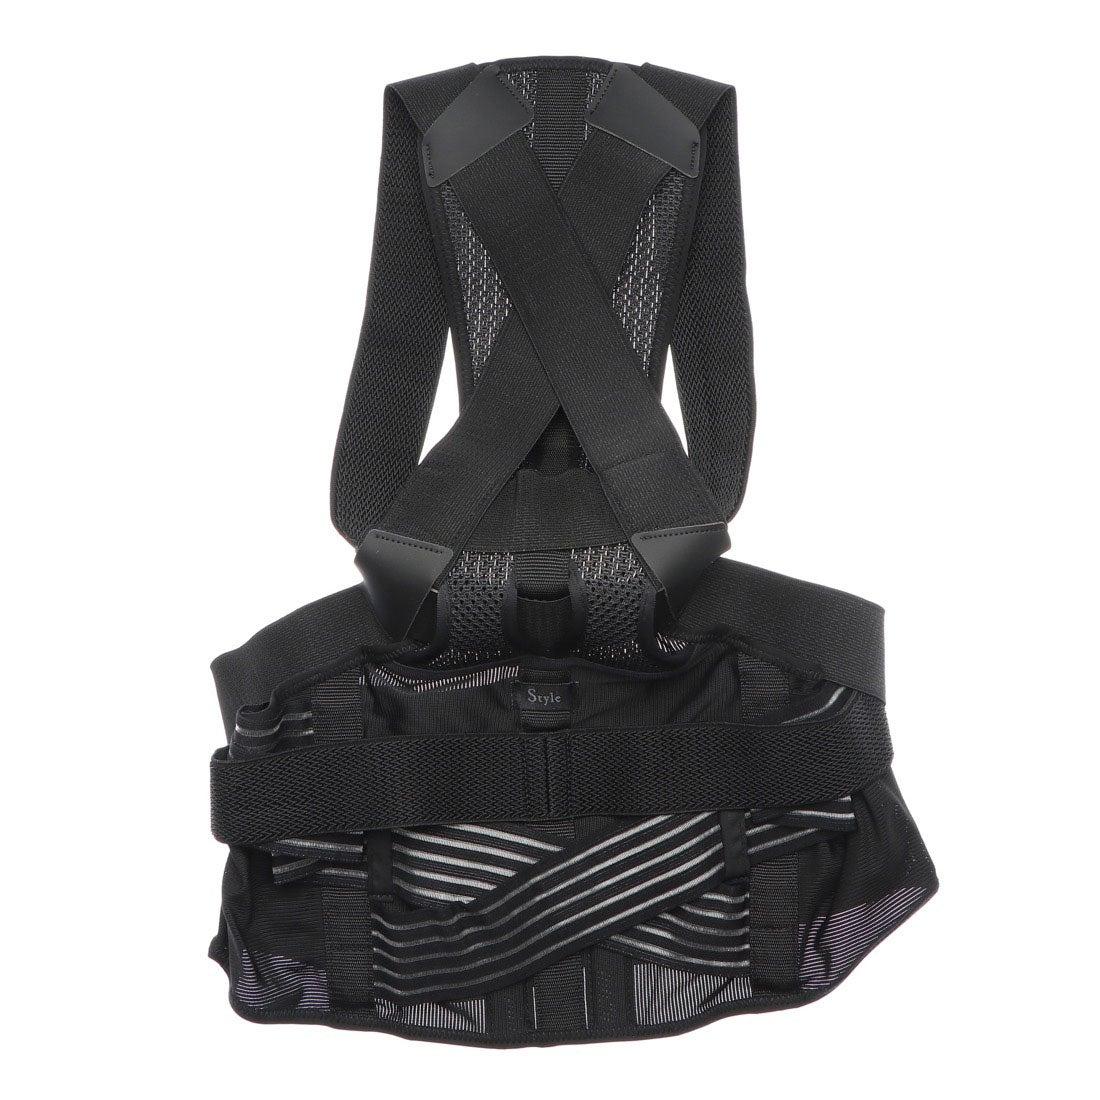 ロコンド 靴とファッションの通販サイトエムティージー MTG フィットネスマシン小物 スタイル BX PLUS ブラック Mサイズ YS-AF03M